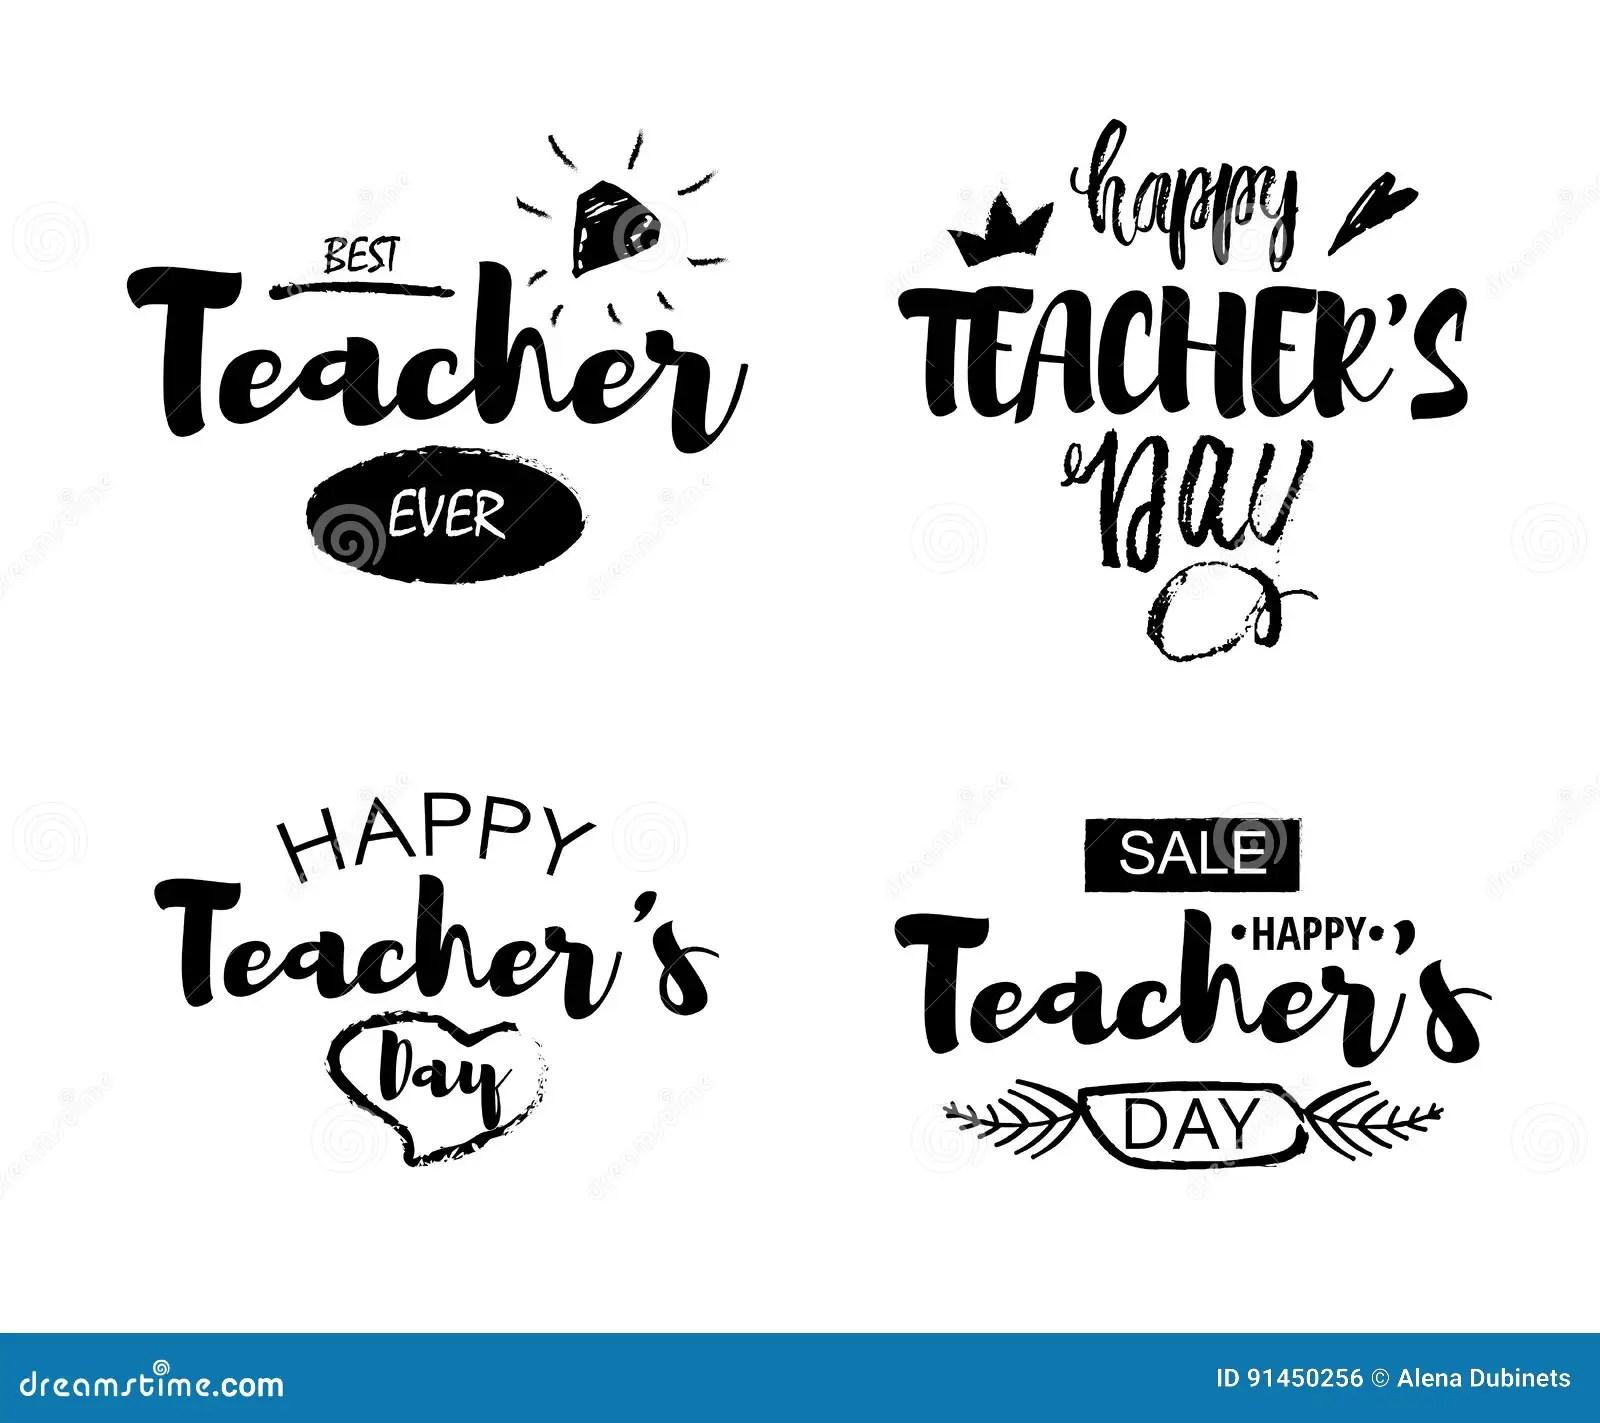 Short Teacher Appreciation Quotes